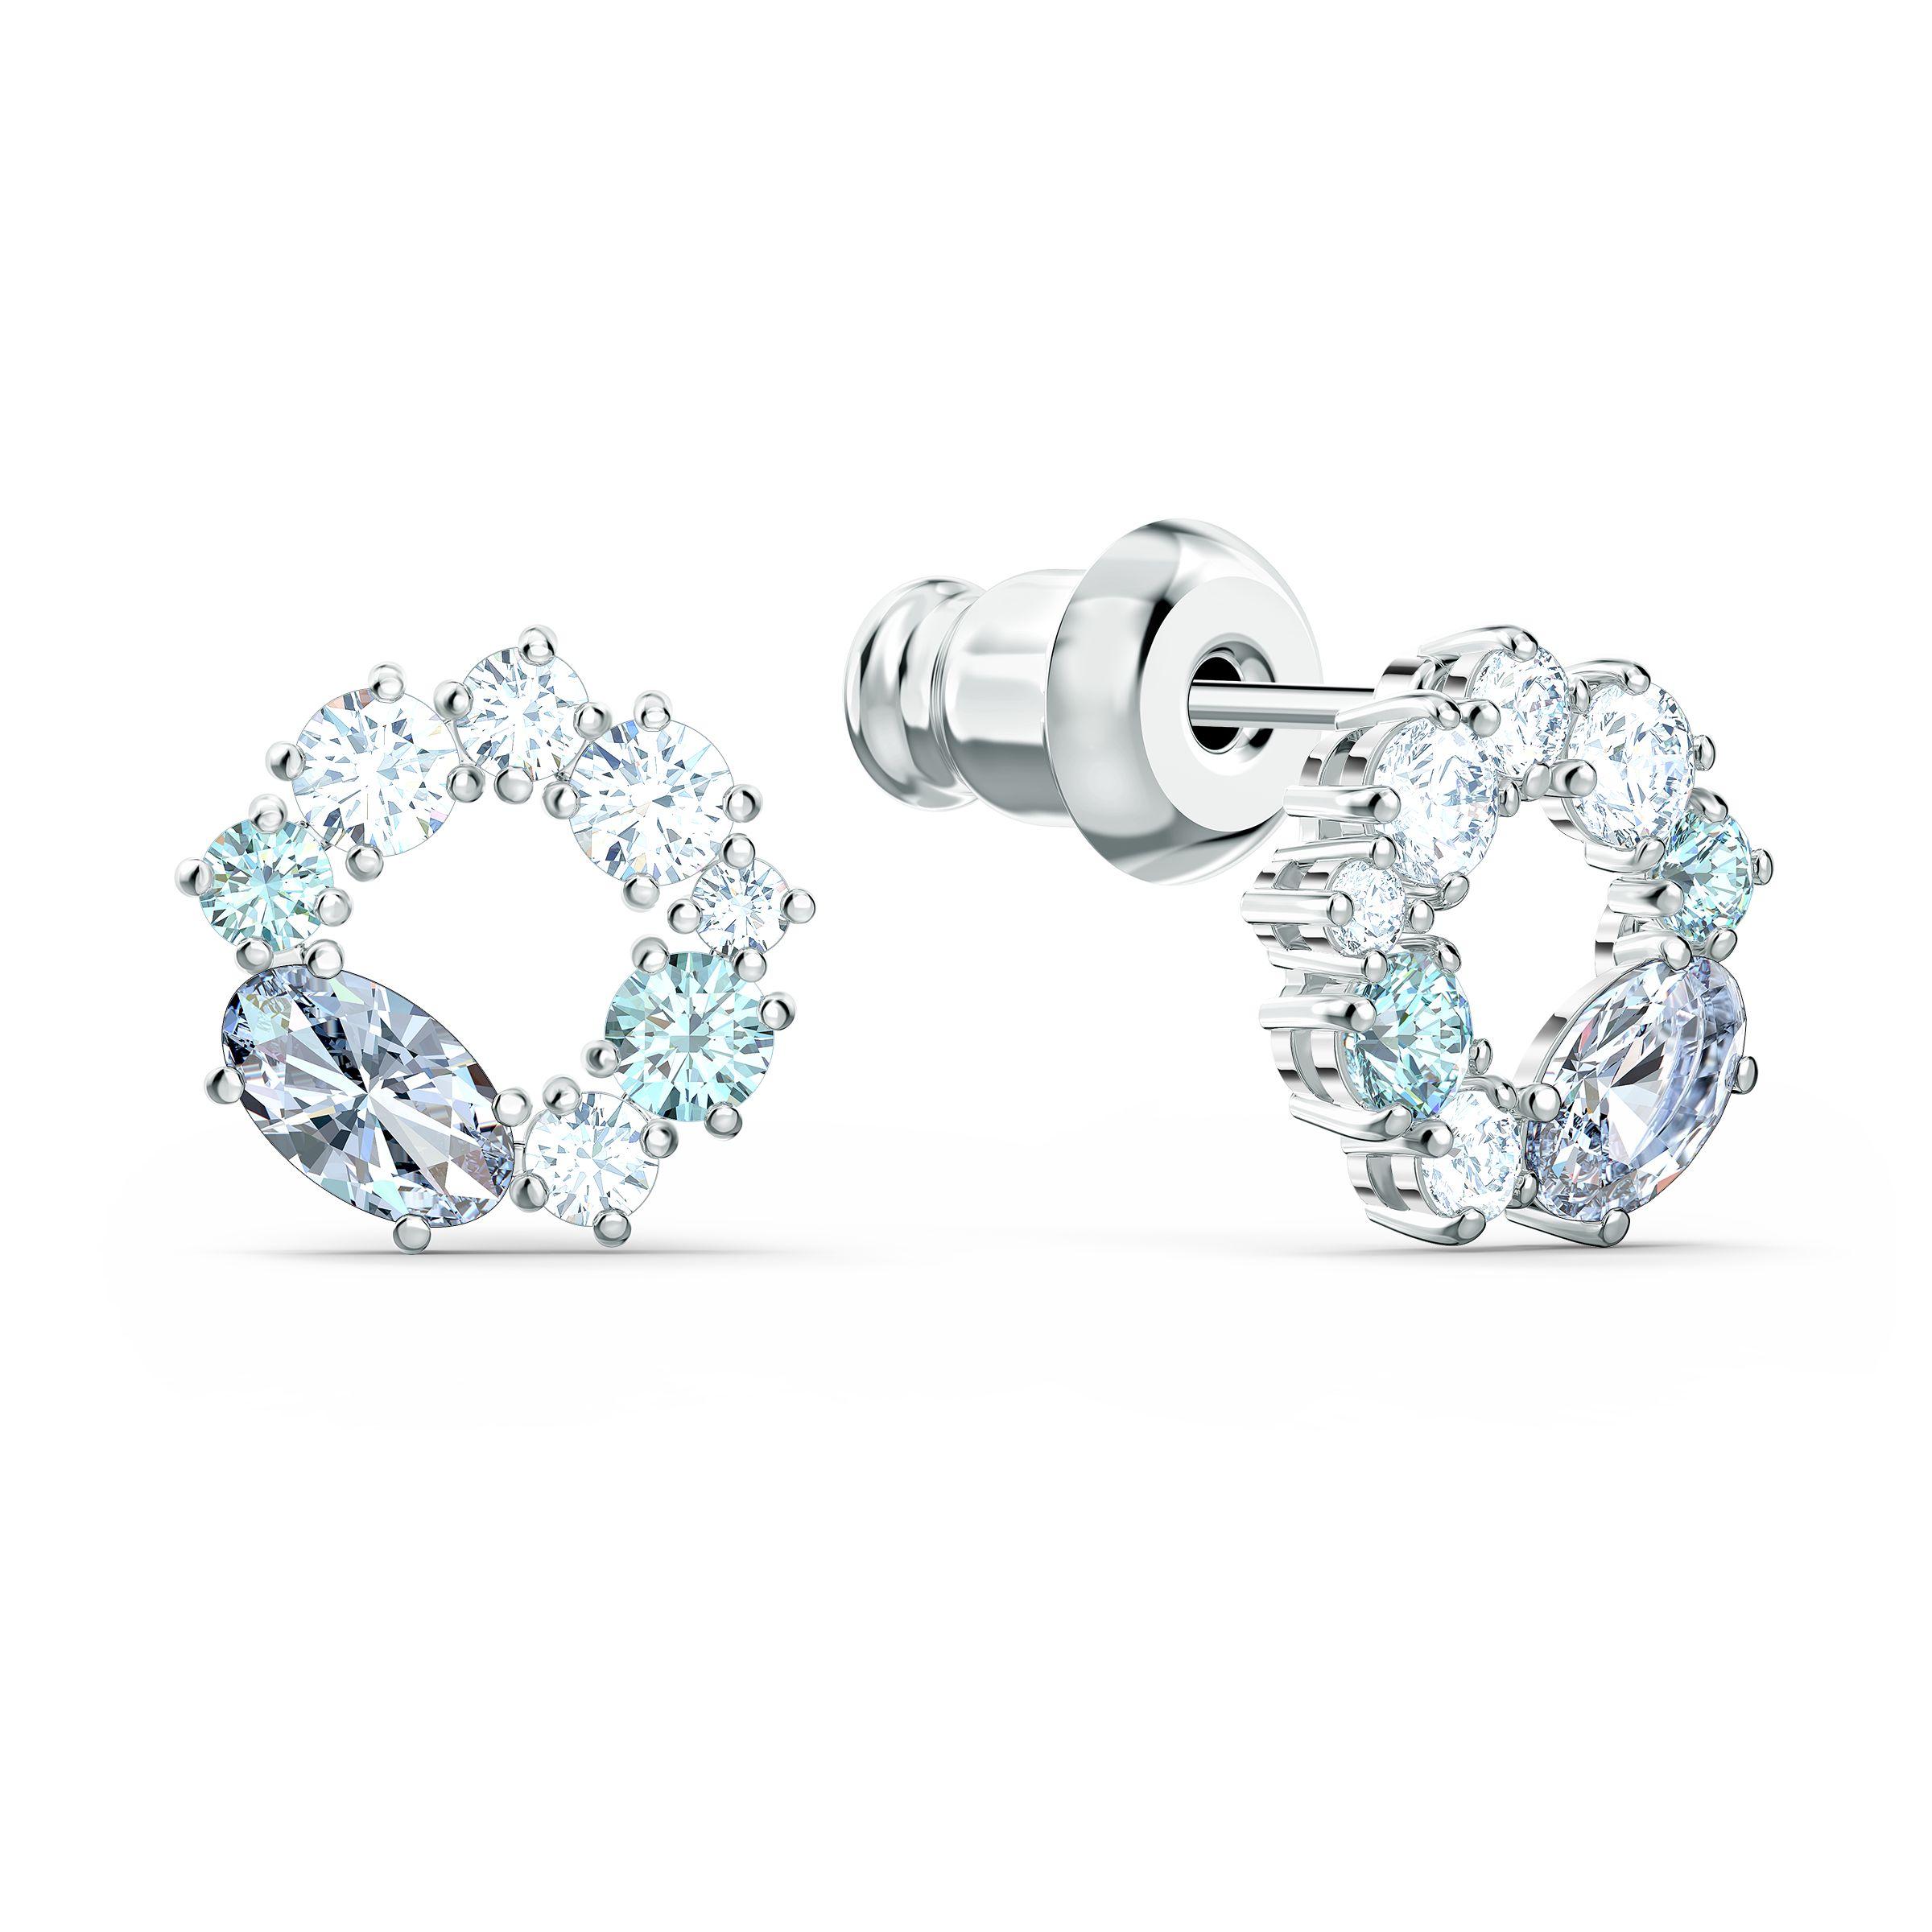 Boucles d'oreilles clous Attract Circle, métal rhodié, Swarovski